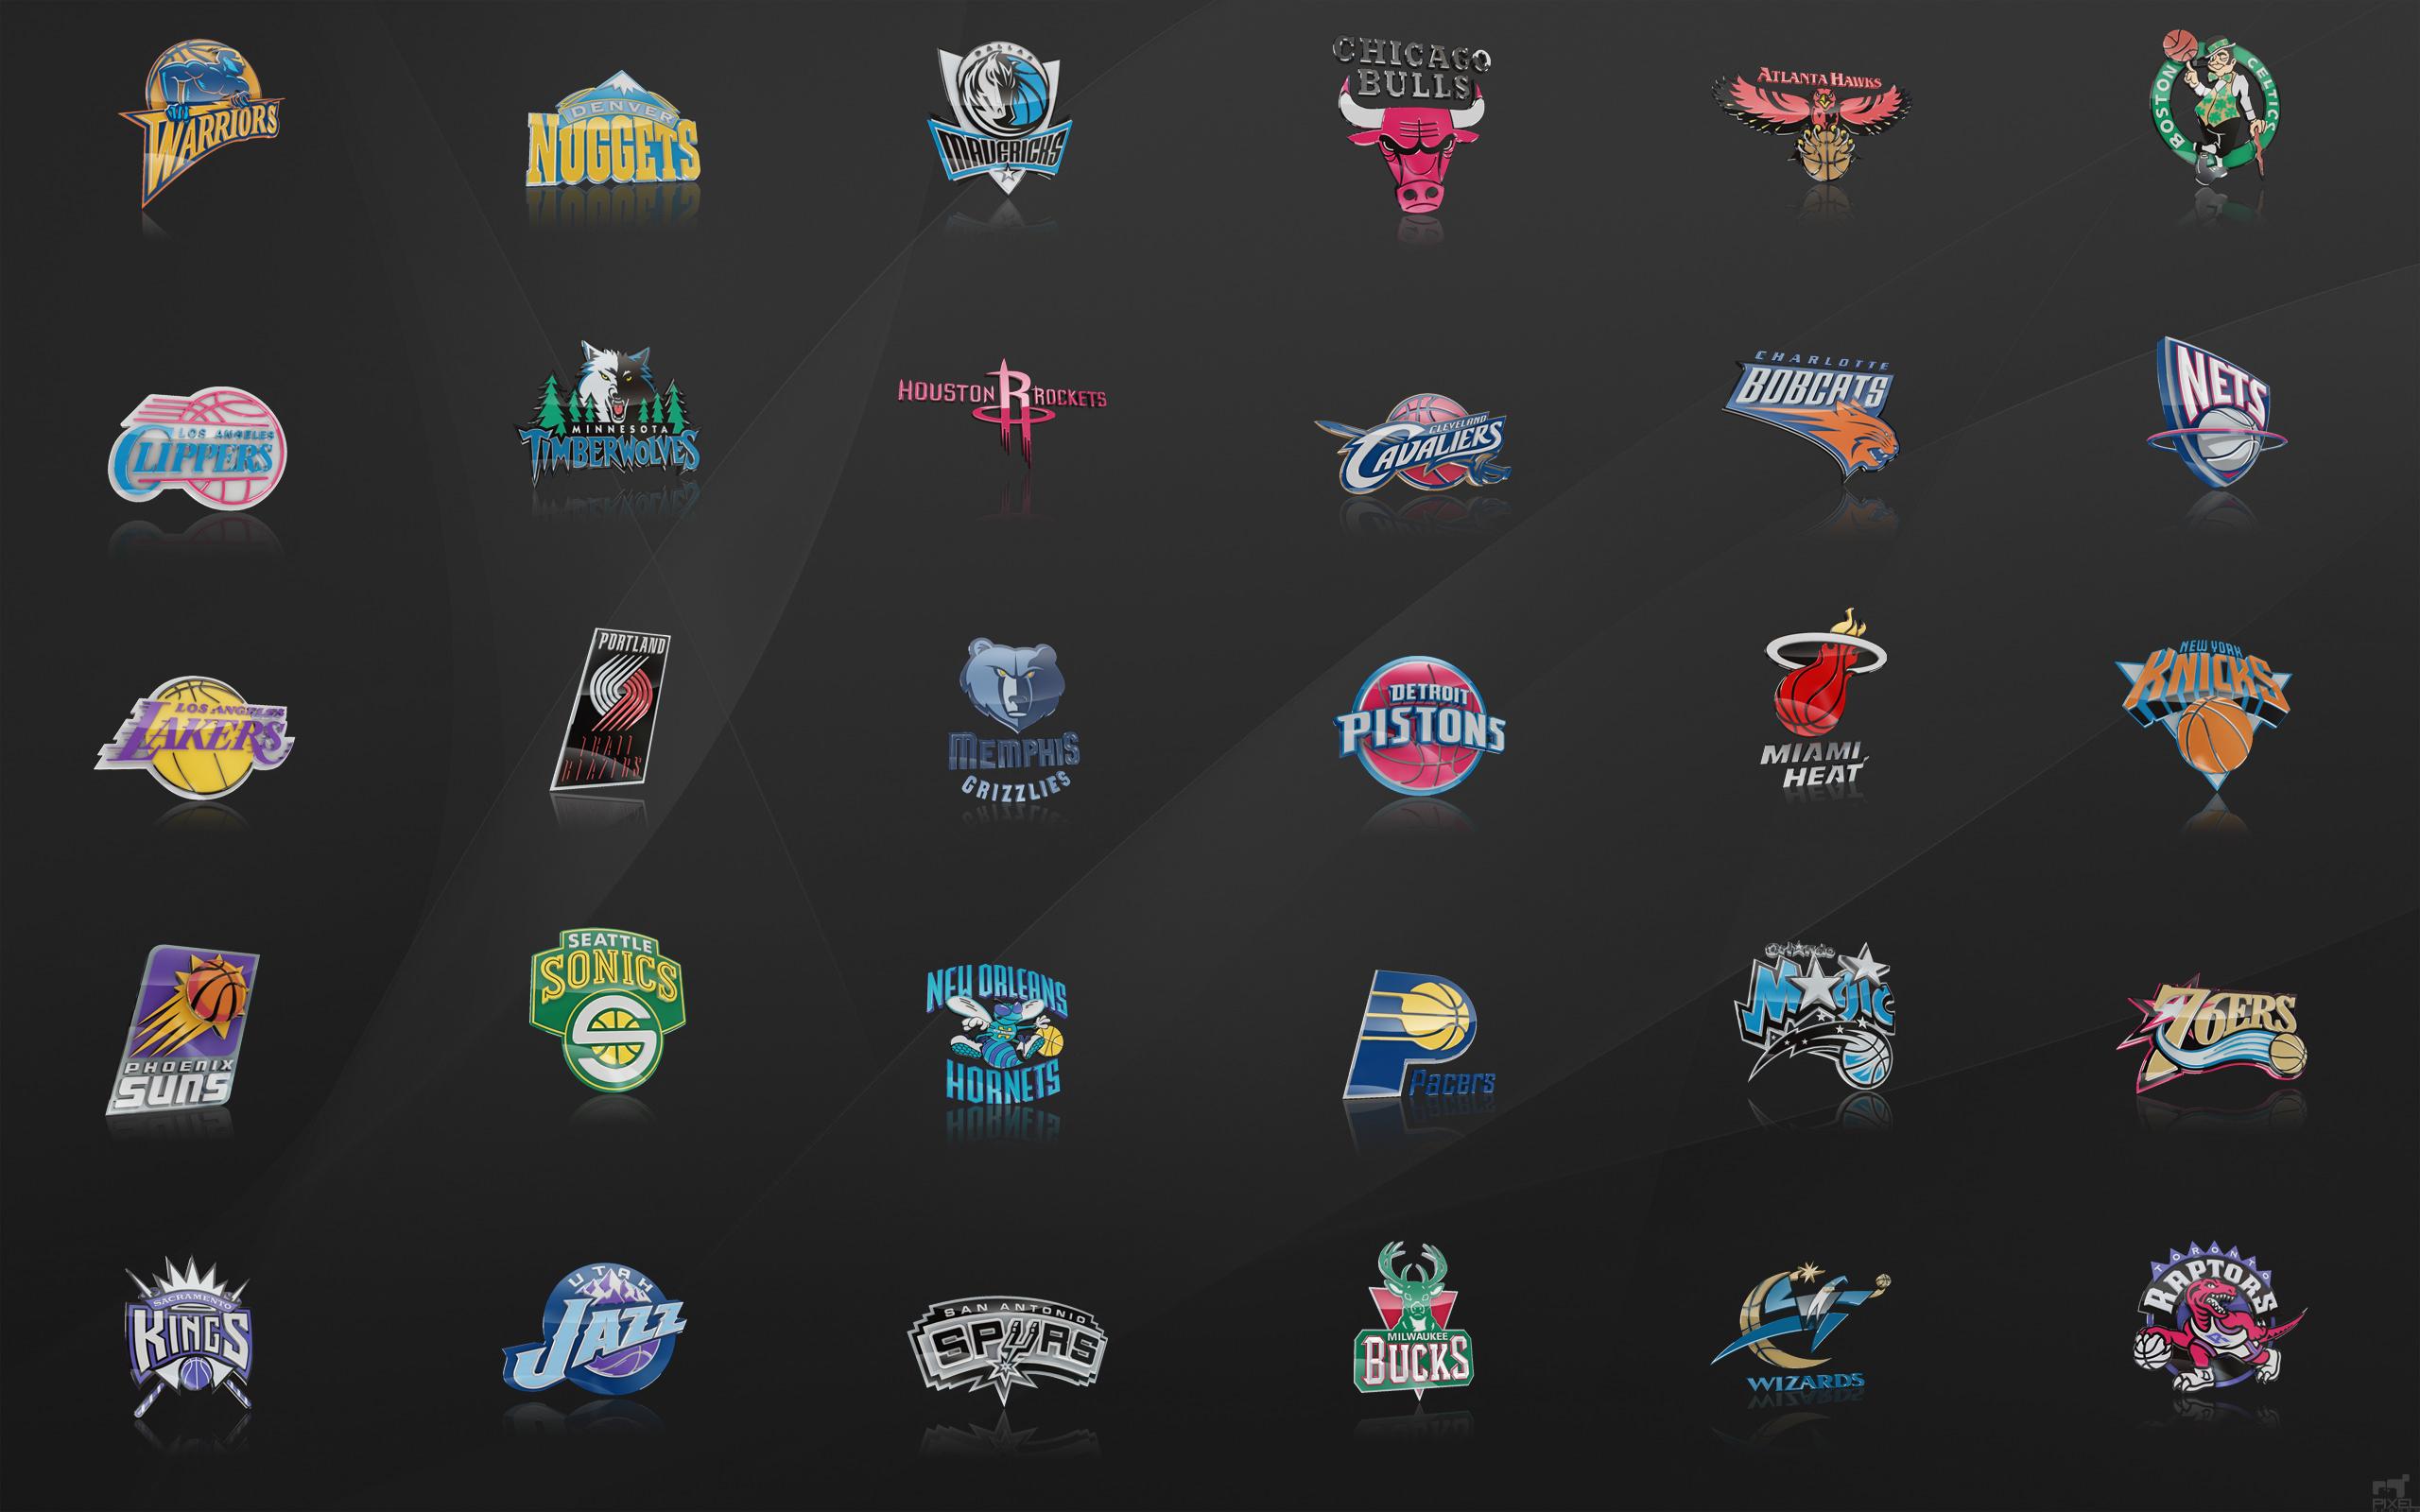 NBA Team Logos Wallpaper by nbafan 2560x1600